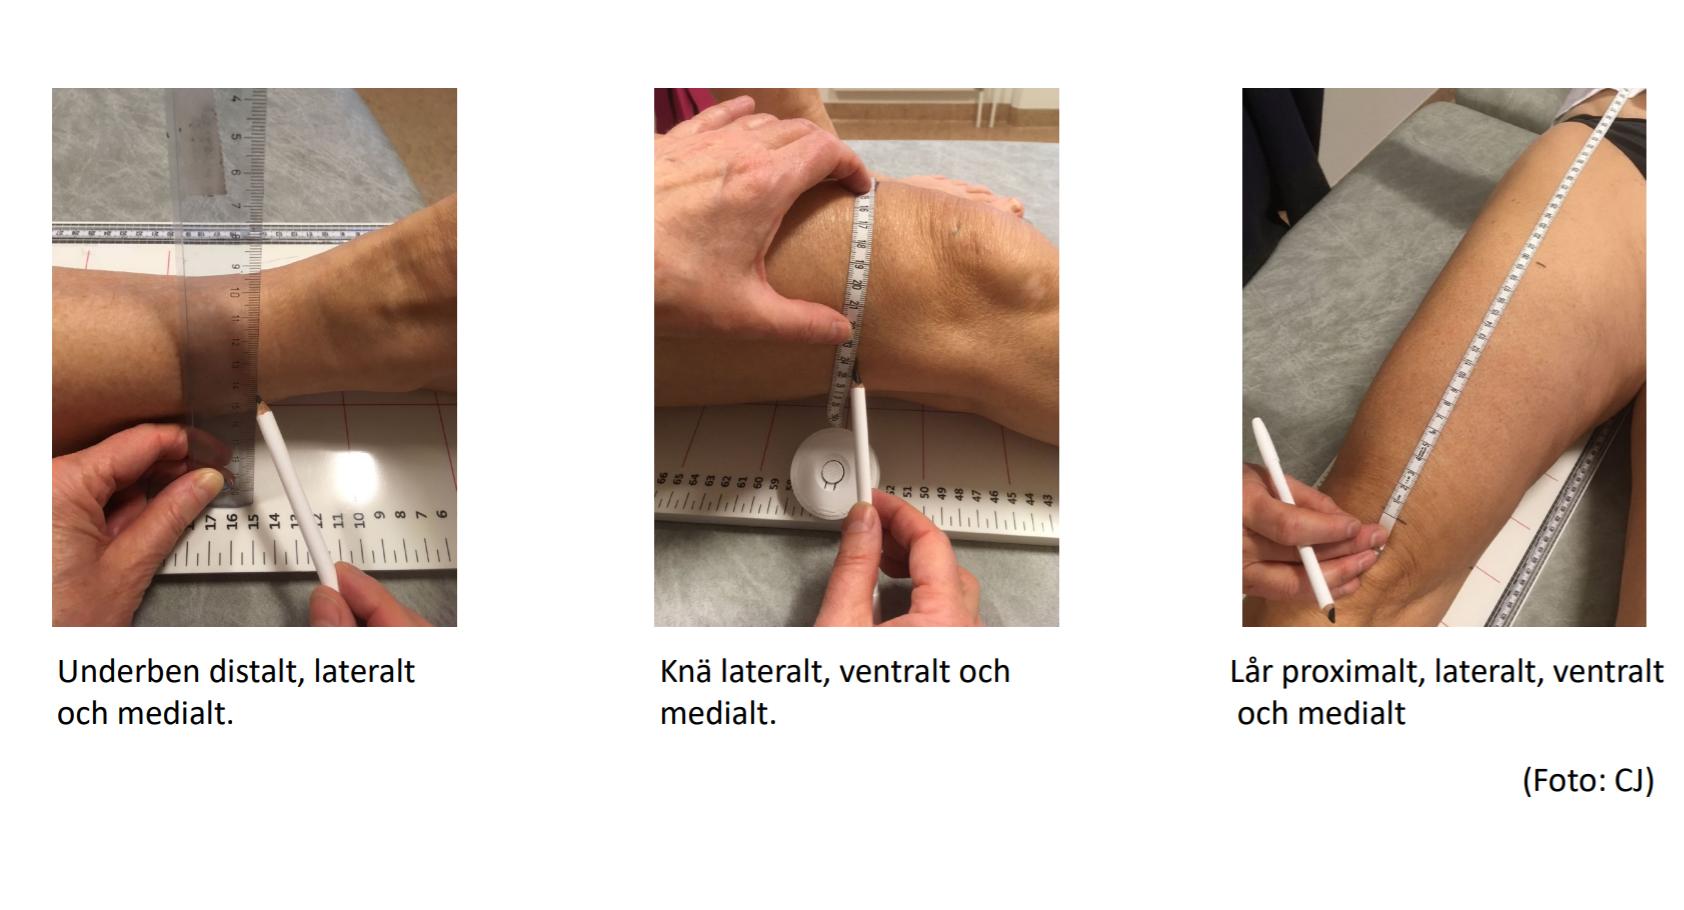 Bild för Tidig diagnostik och uppföljning av lymfödem